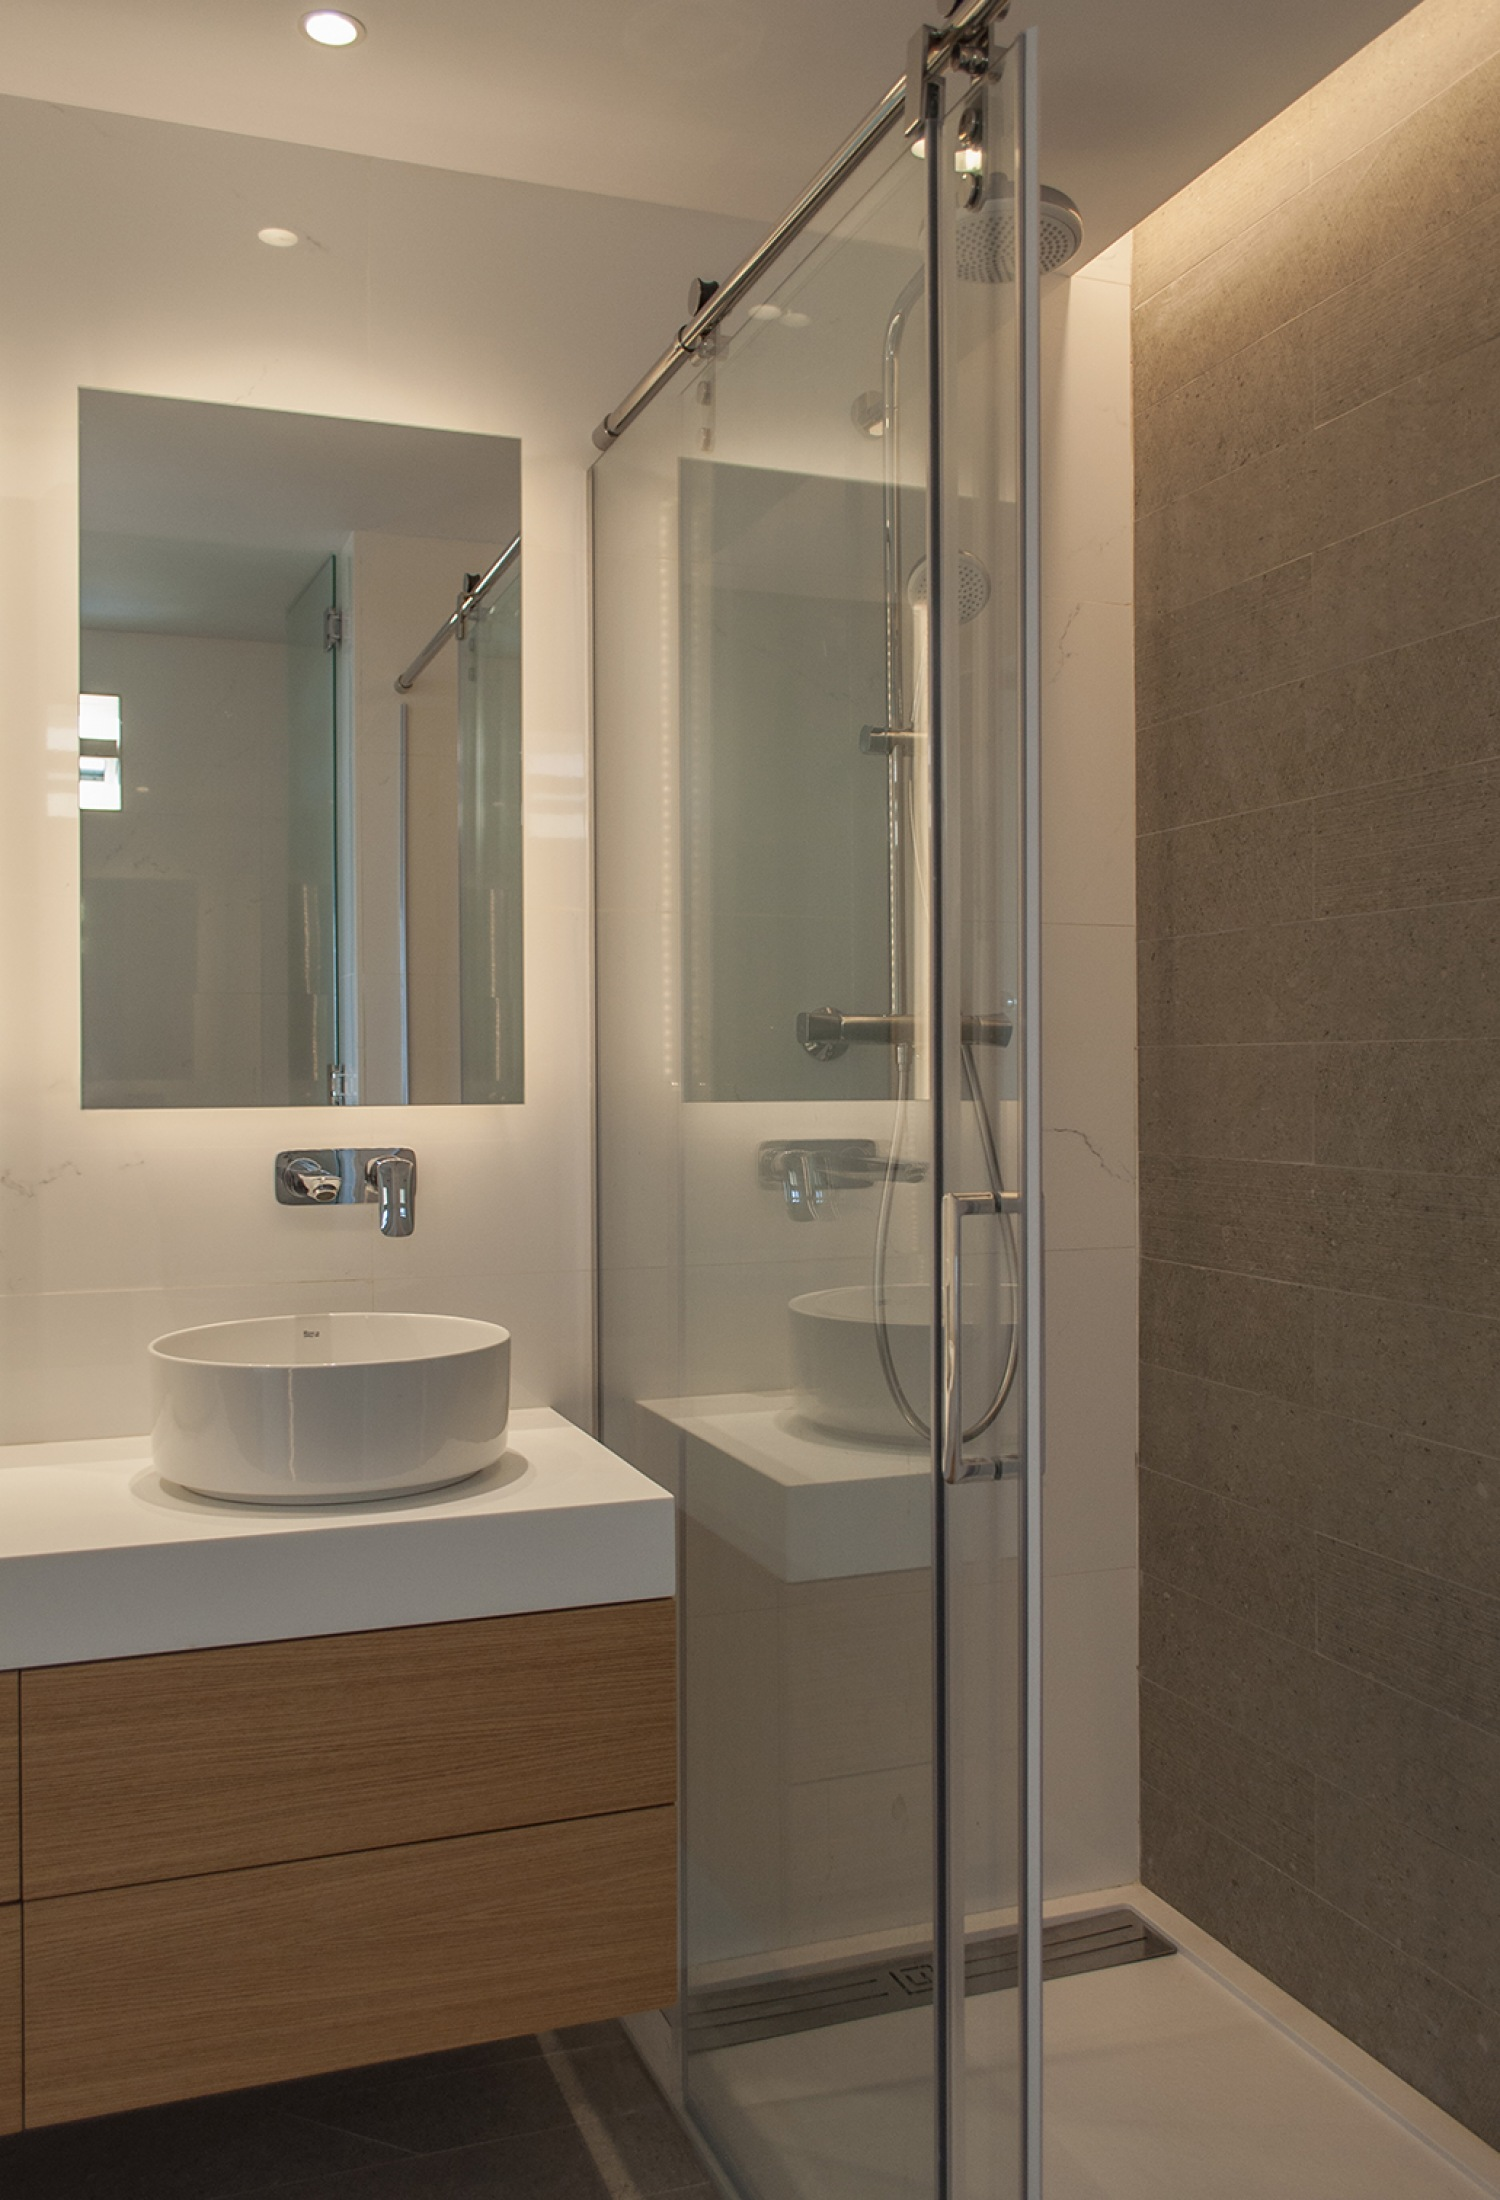 16-architecture-sitges-interior-design-barcelona-modern-bathroom-shower-krion-wood-furniture